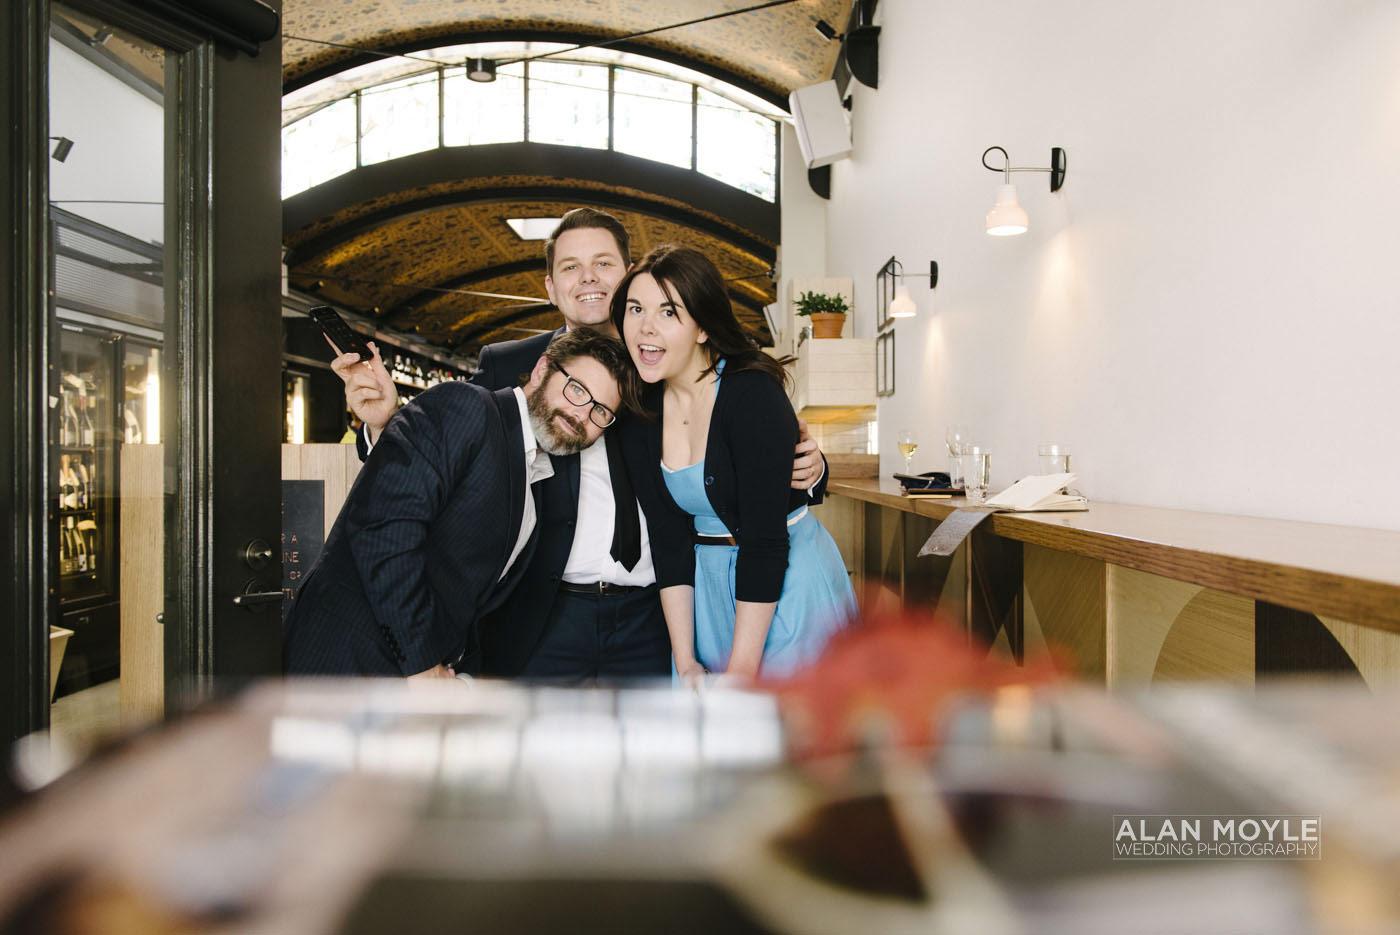 1410kershaw-046-melbourne_wedding_photographer_photography_larwill_studio_orange_elope_bride_blue_bayside_photobat_alan_moyle_winebar_port_melbourne.jpg